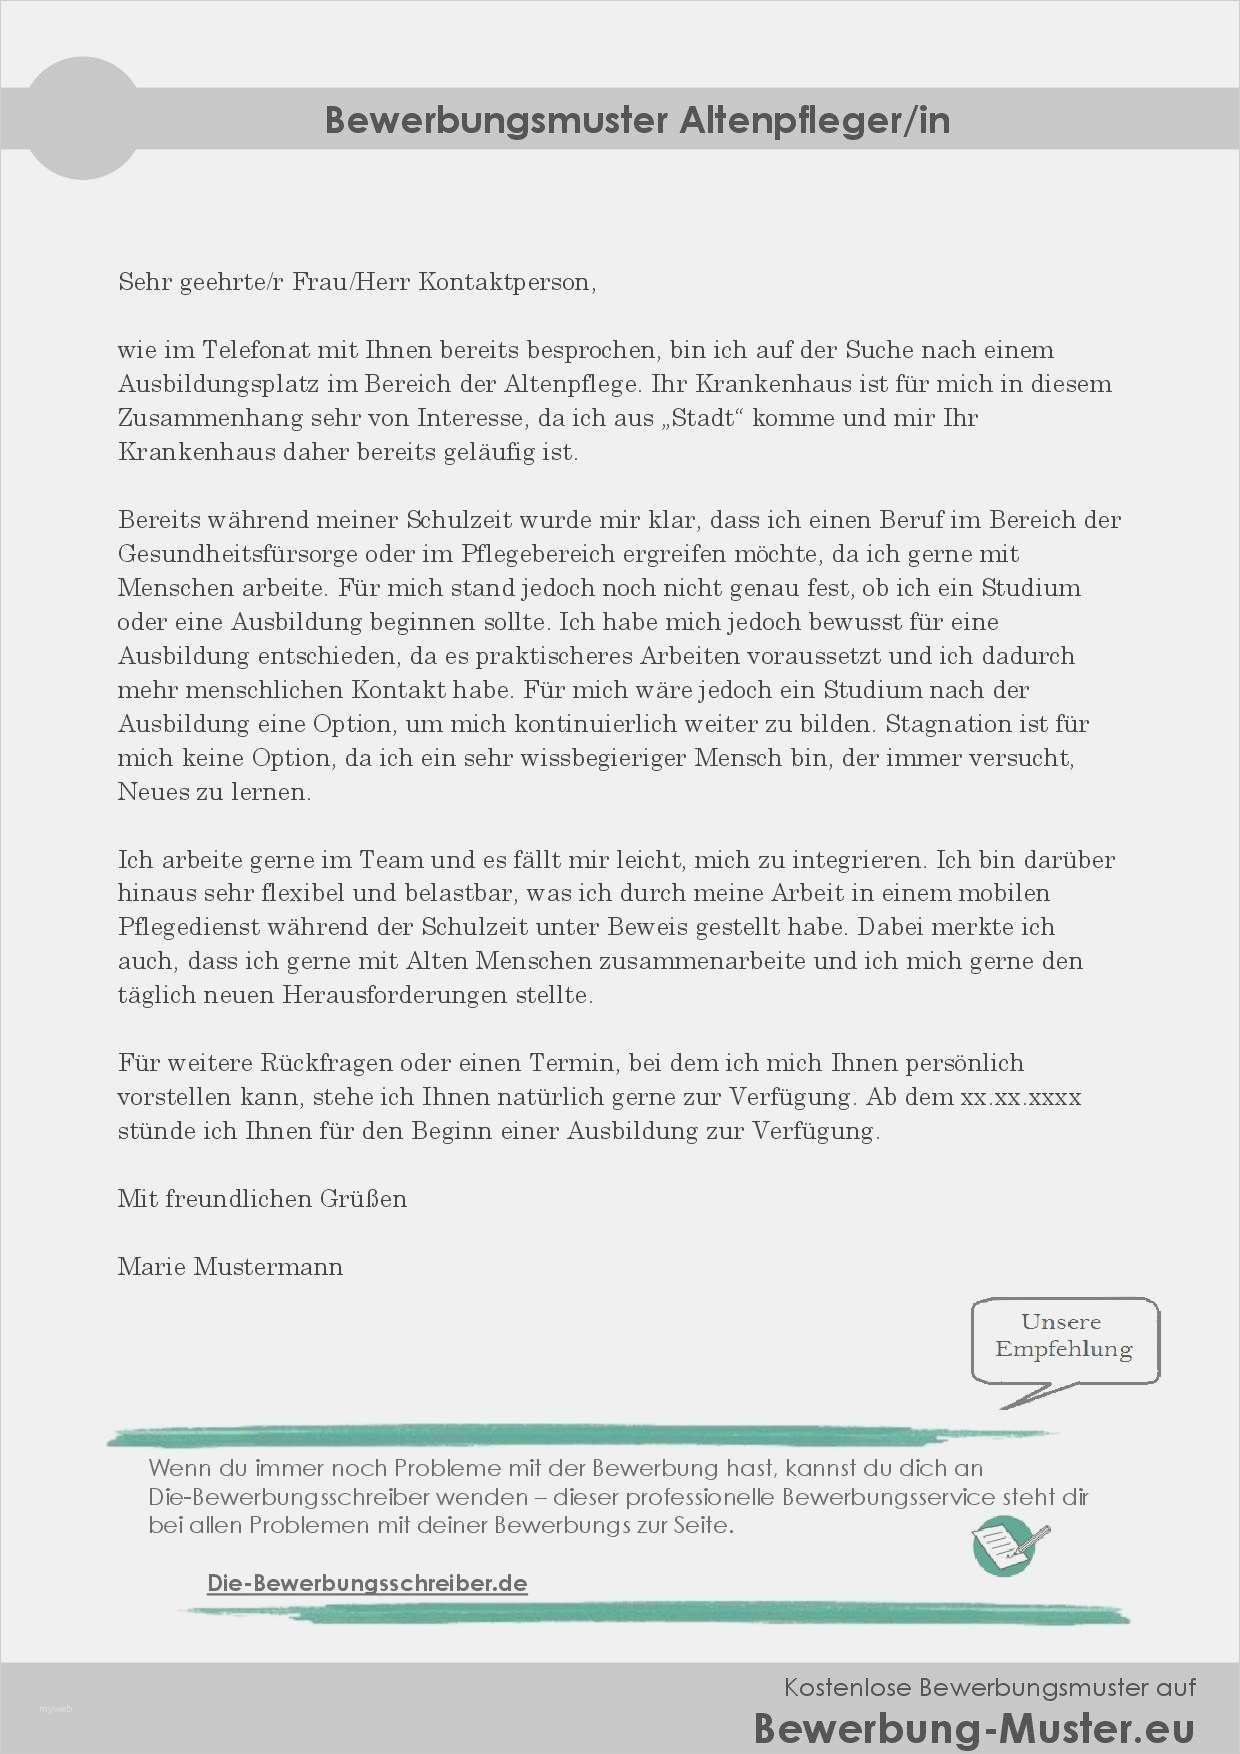 Frisch Handschriftlicher Lebenslauf Muster Kostenlos Briefprobe Briefformat Briefvorlage Lebenslauf Lebenslauf Muster Vorlagen Lebenslauf